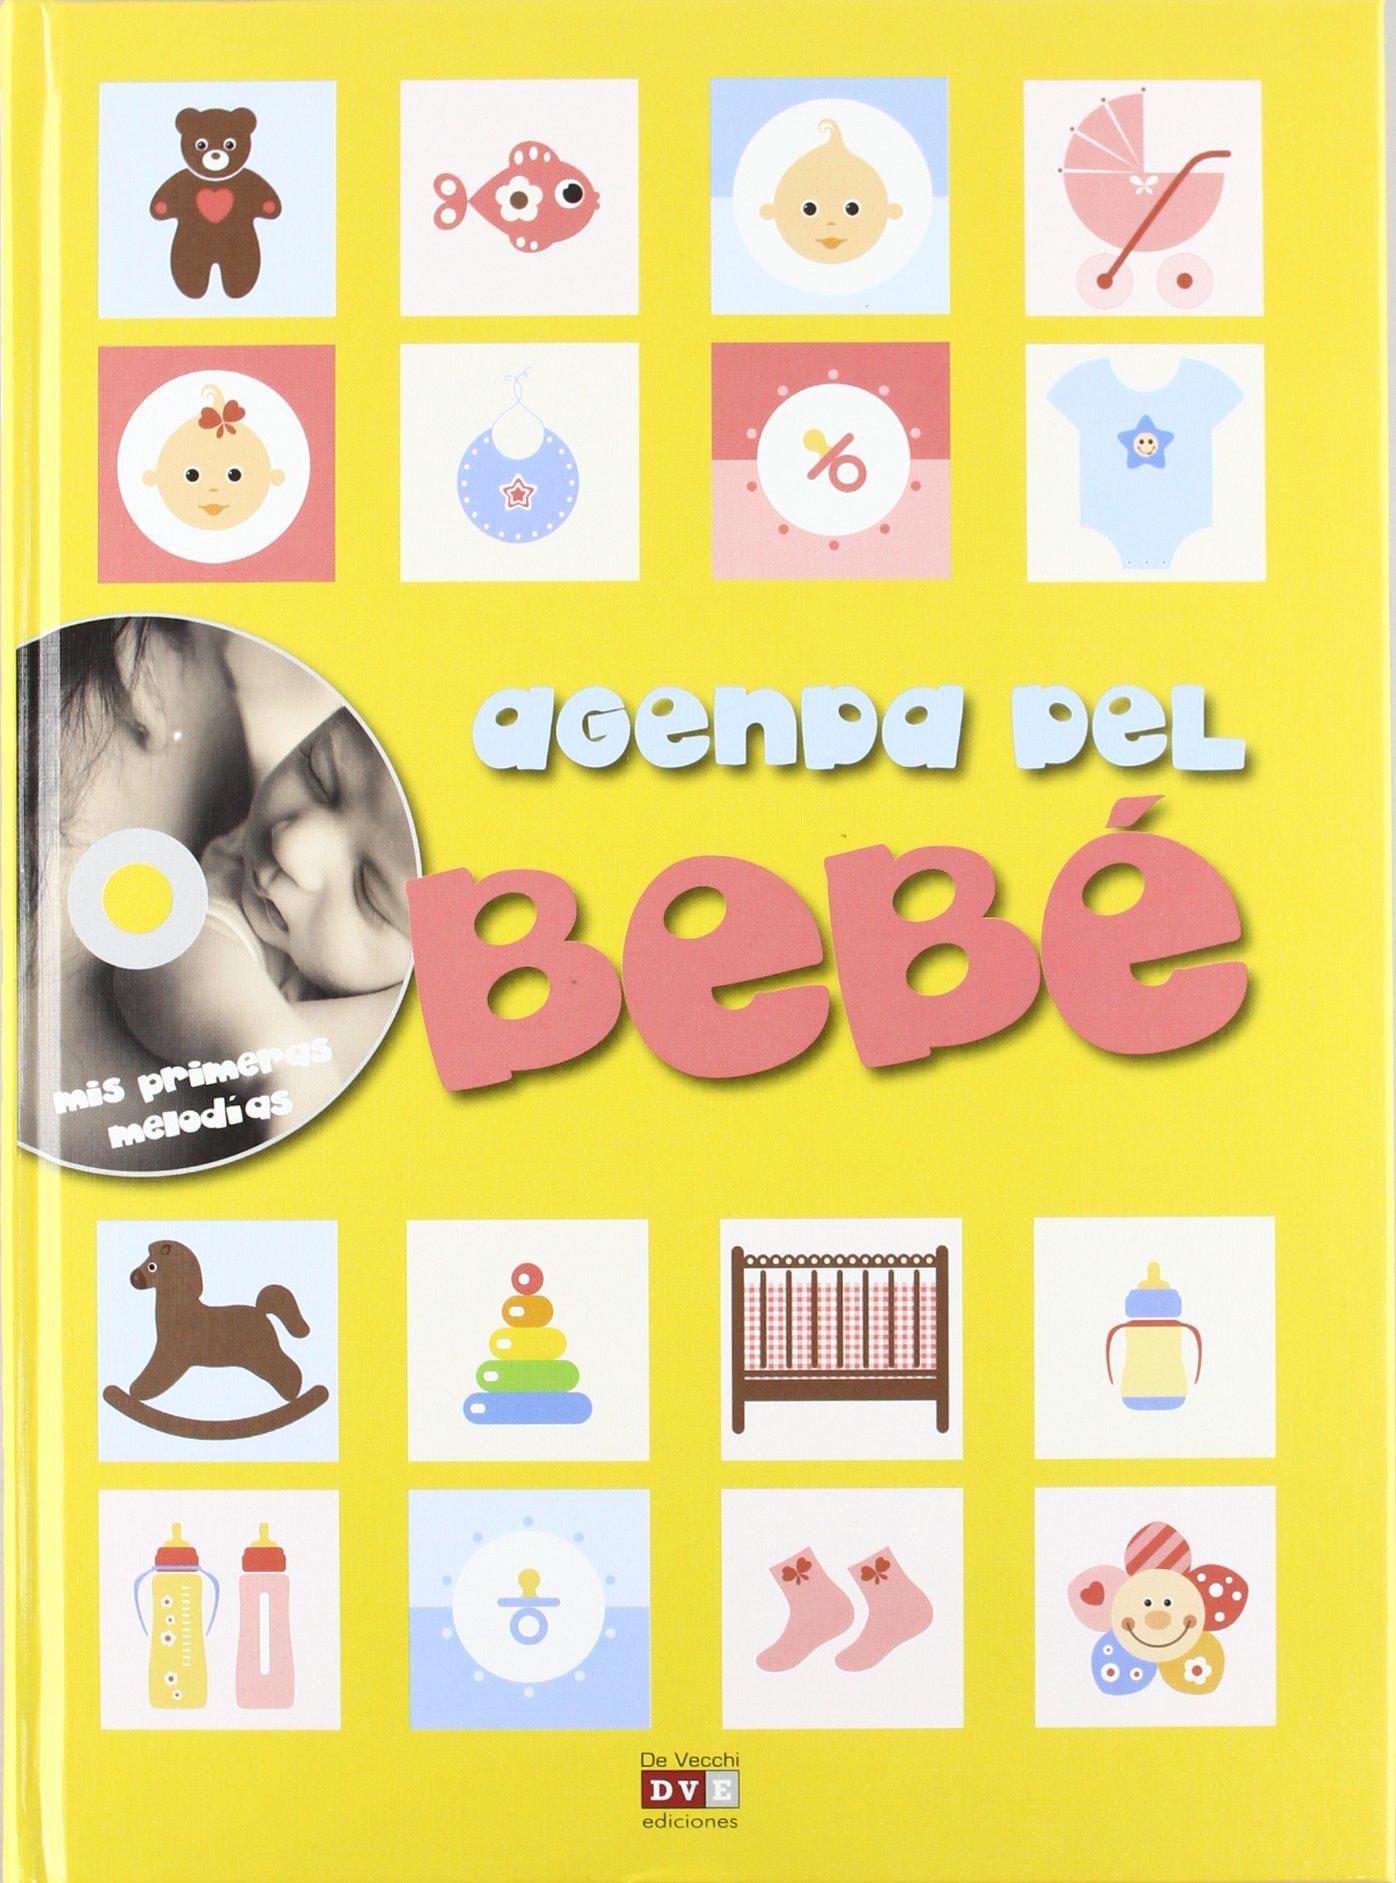 Agenda del bebe, la (+CD): Amazon.es: Aa.Vv.: Libros